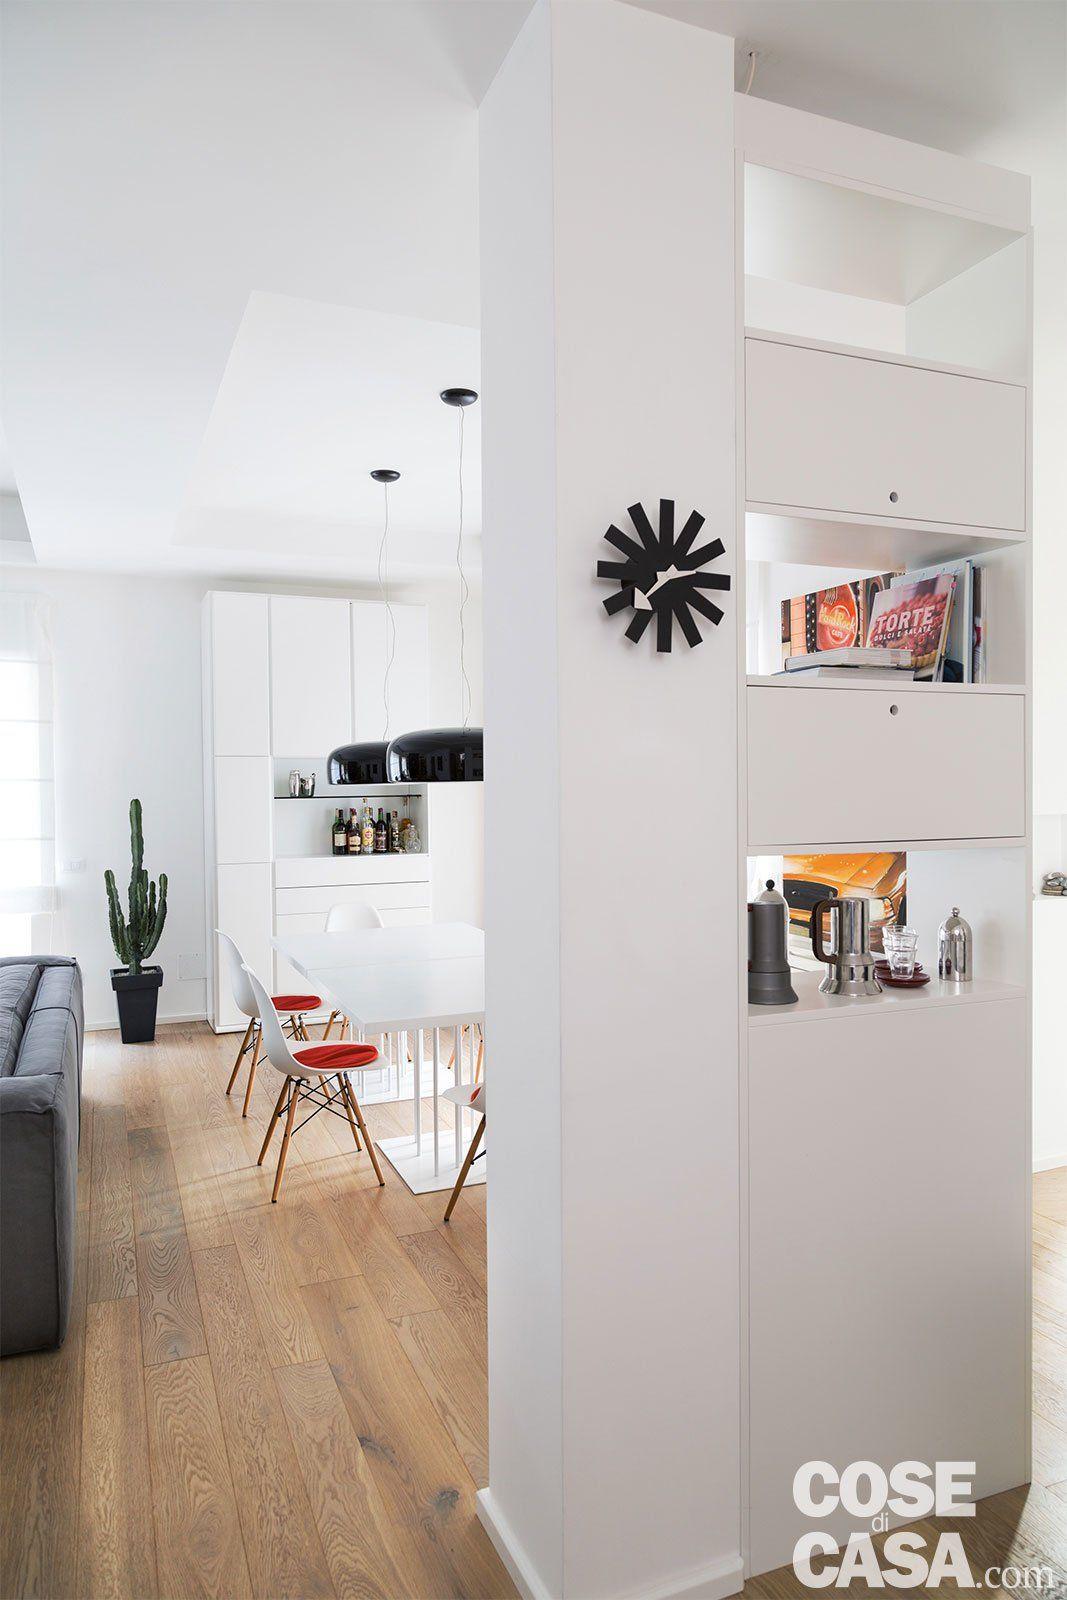 130 mq casastudio con soluzioni a Interior